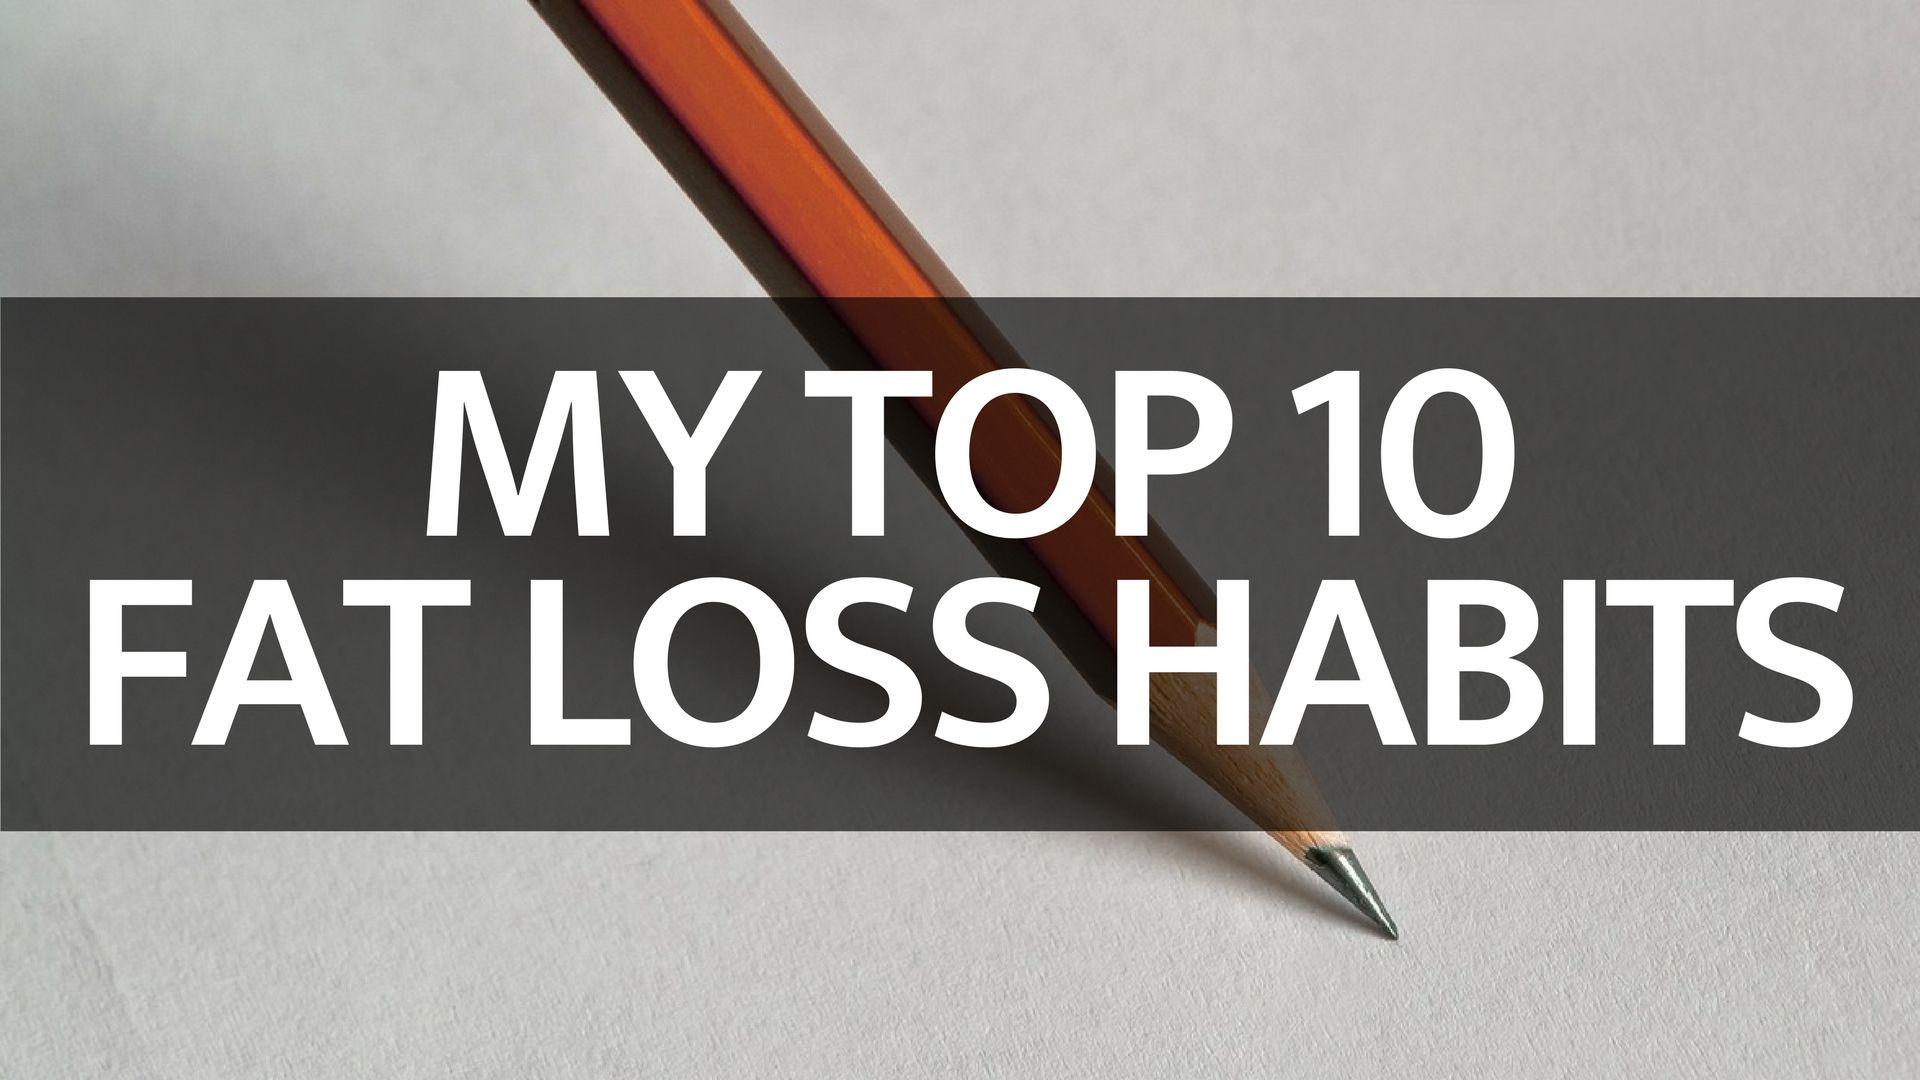 fat loss habits